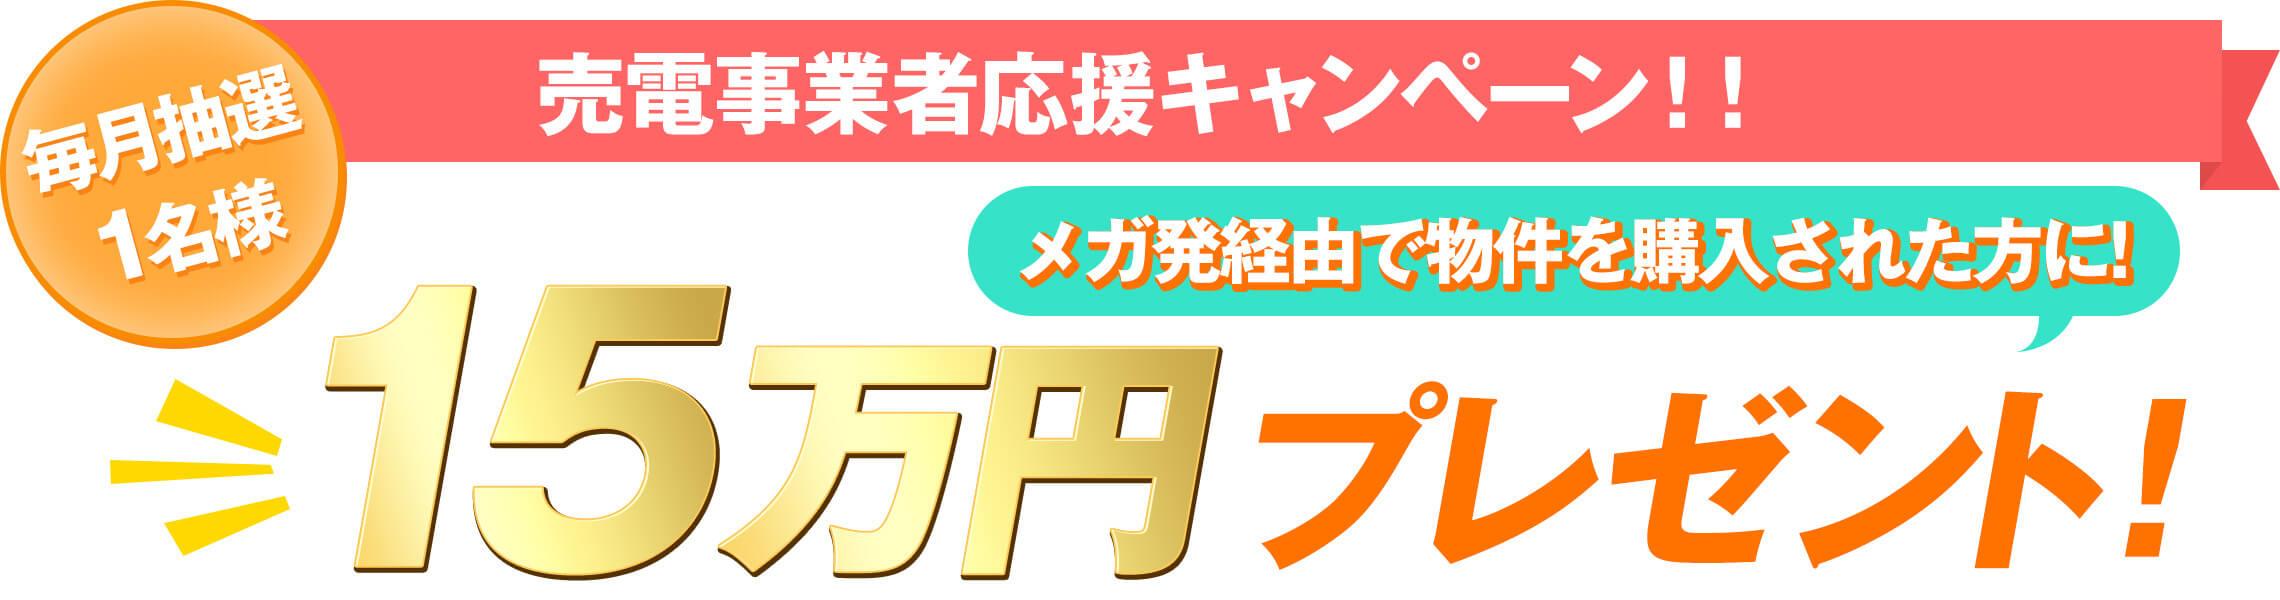 売電事業者応援キャンペーン!!